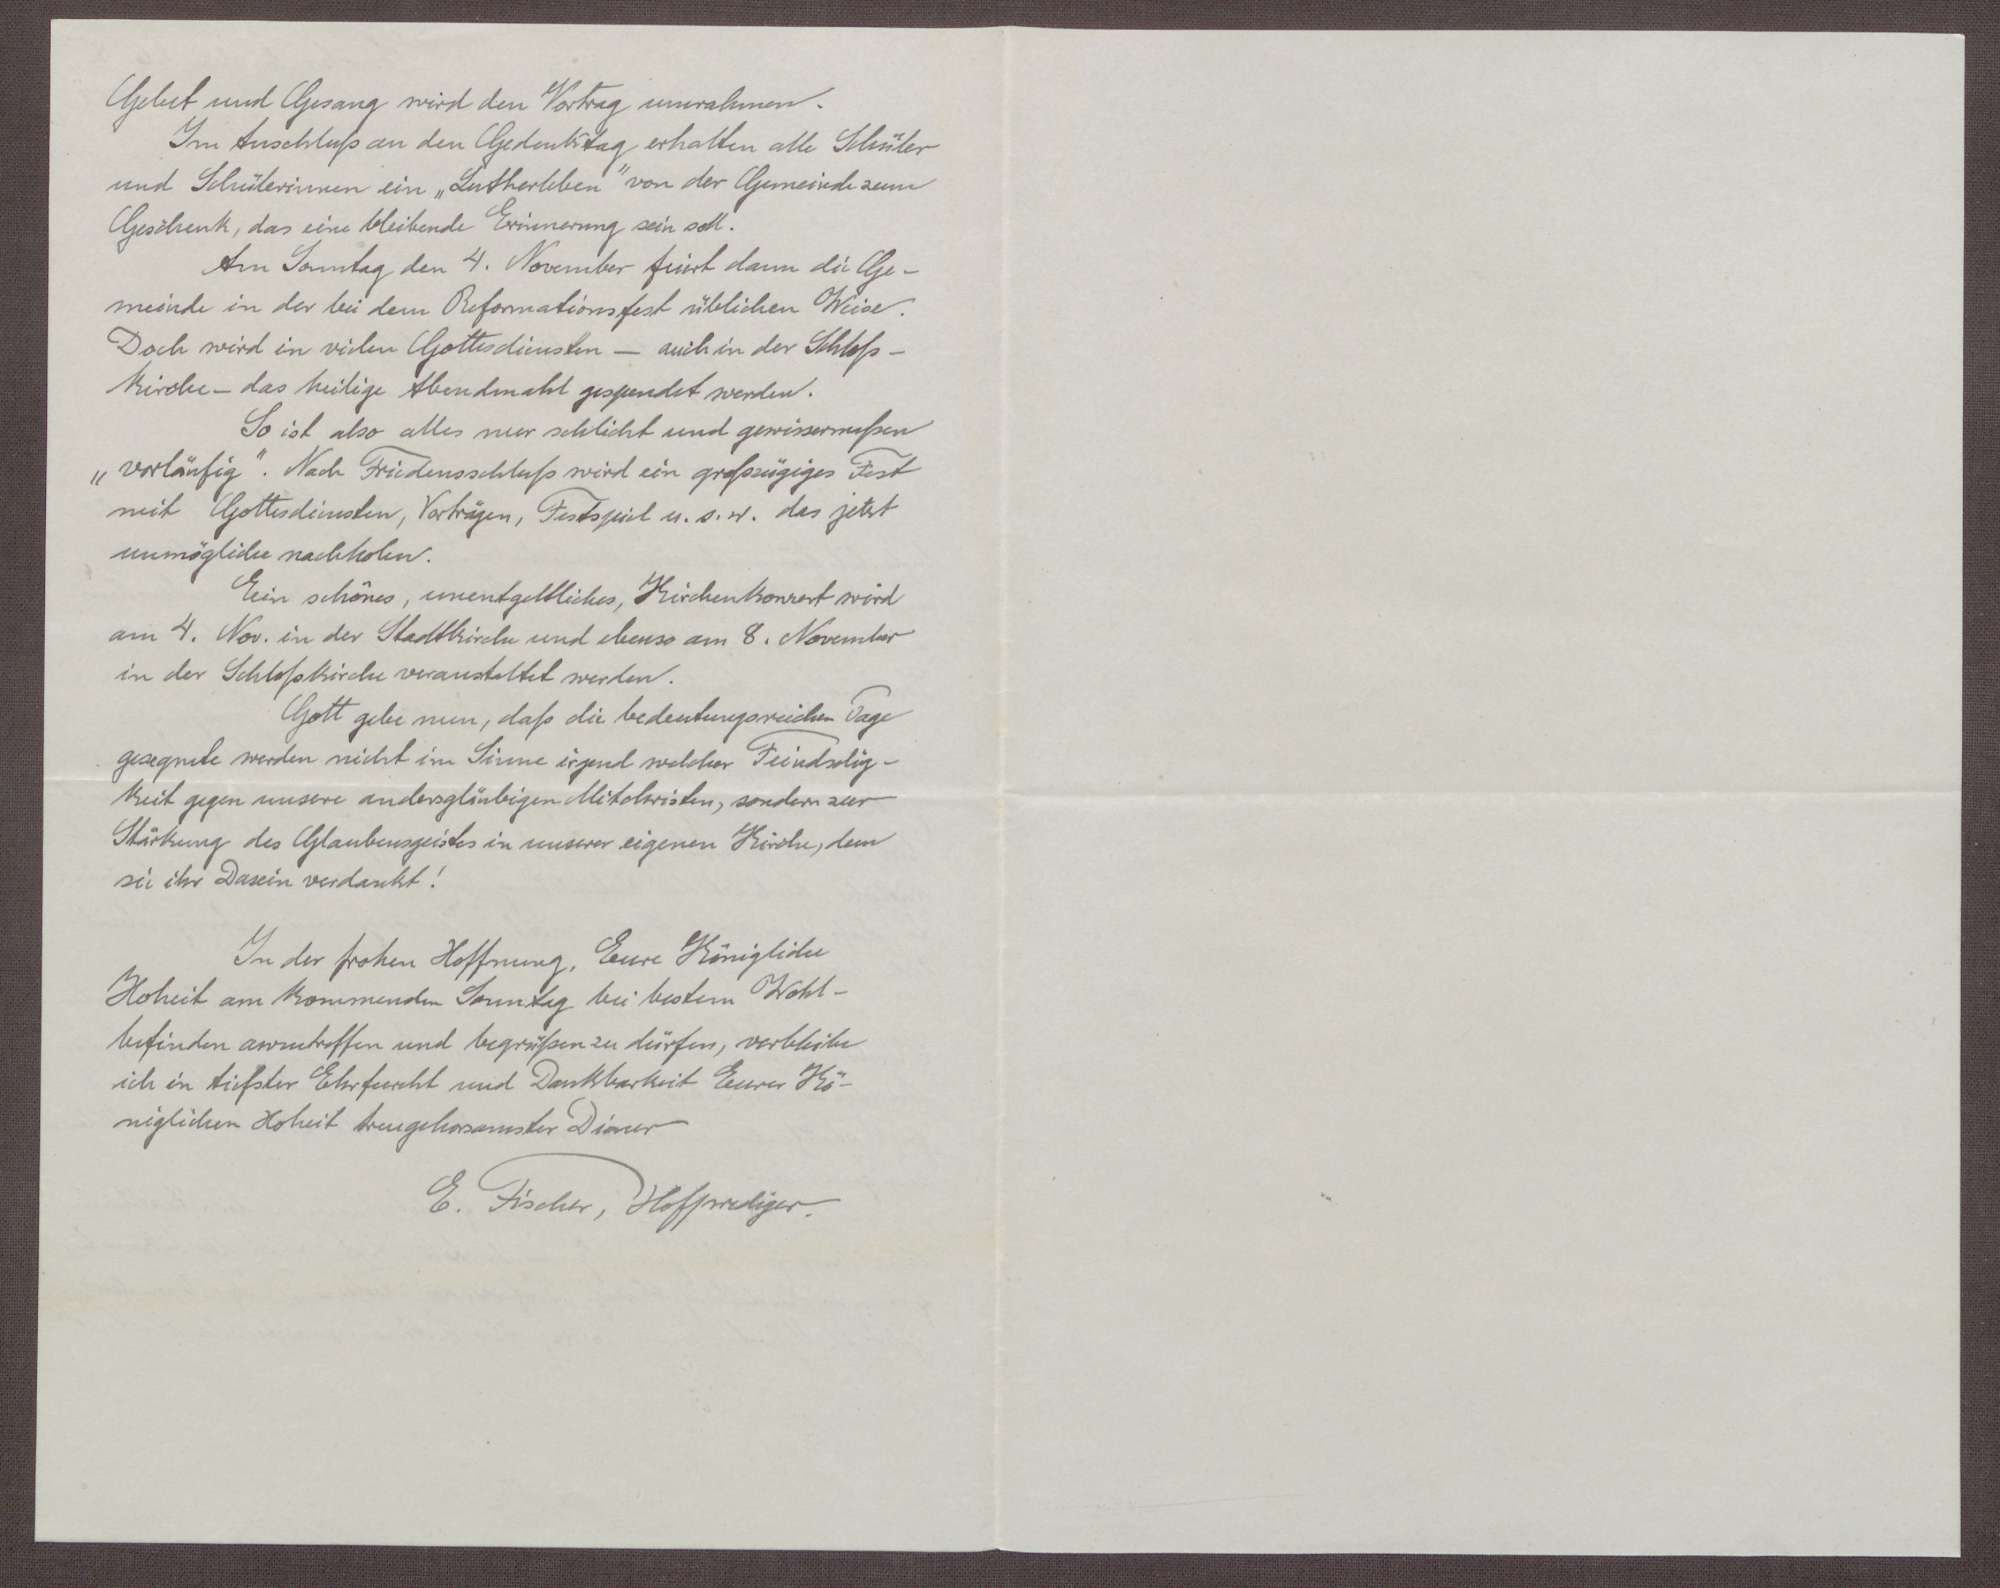 Schreiben von Ernst Fischer an die Großherzogin Luise; Feierlichkeiten zum 400. Jubiläum des Thesenanschlags von Martin Luther, Bild 2